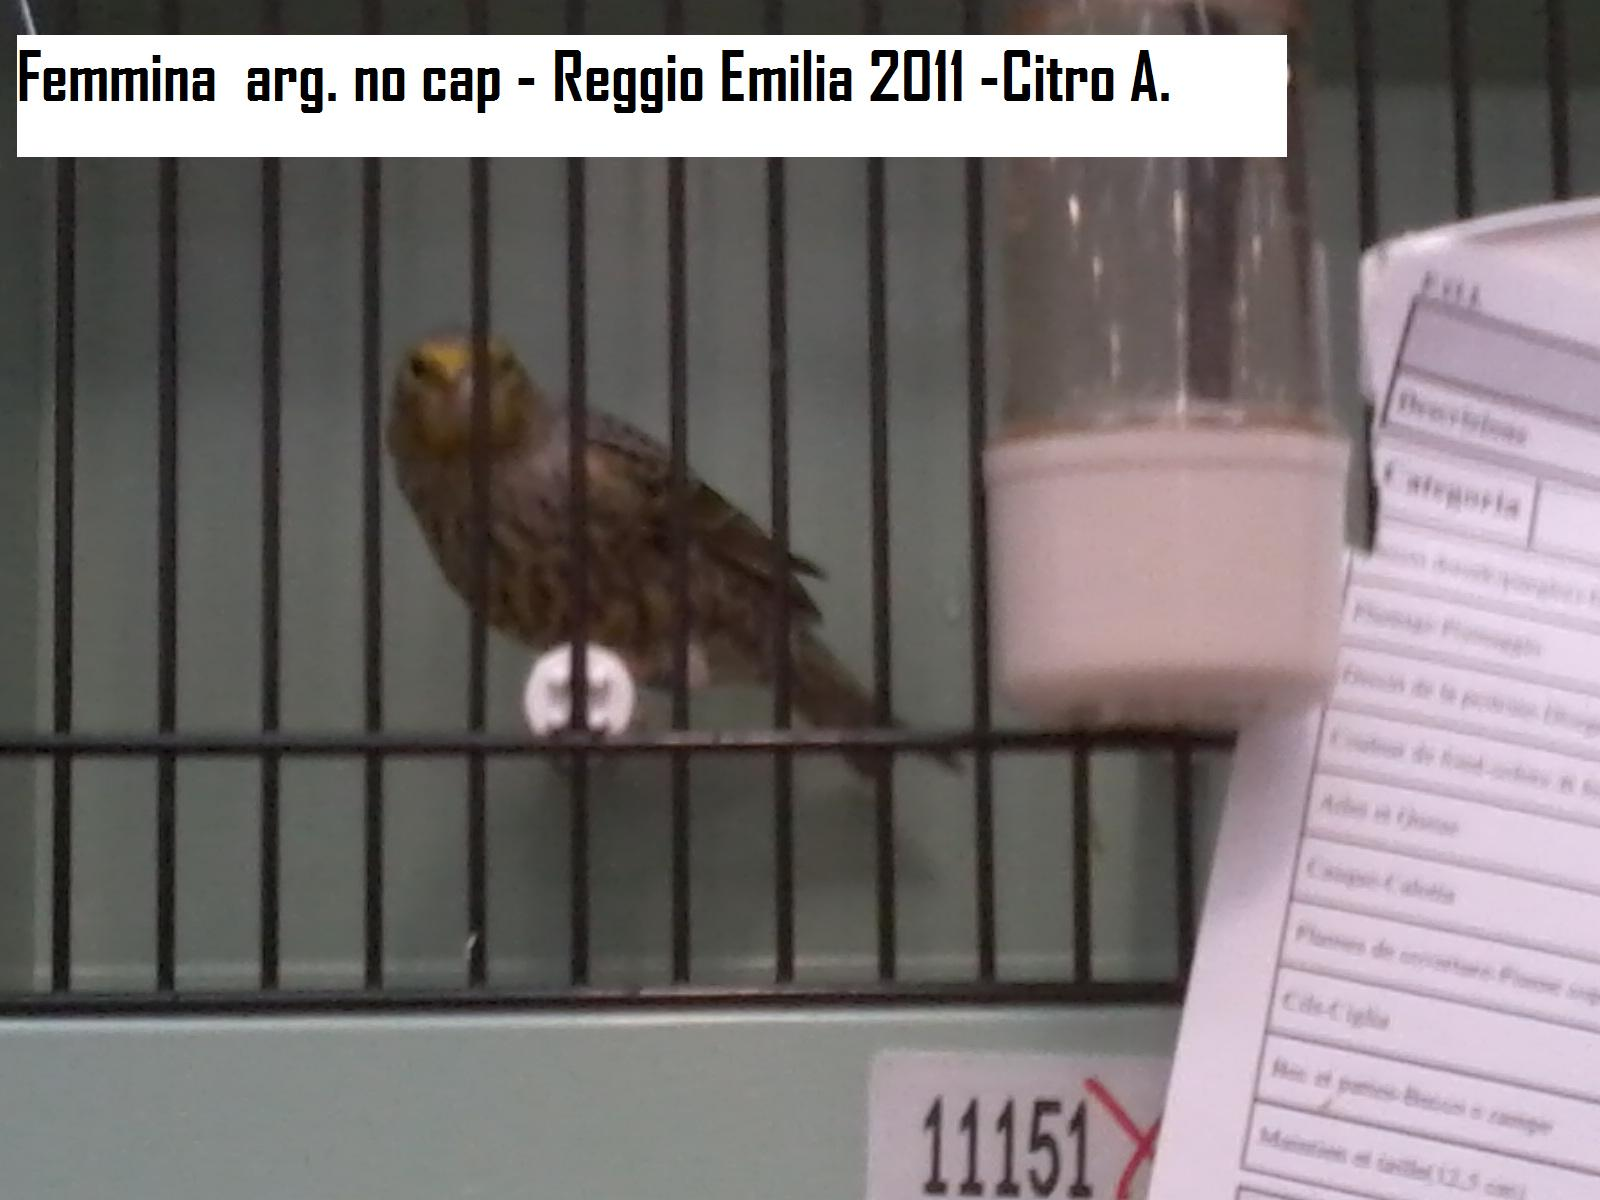 Allevamento del canarino lizard iii classificato stamm argentato cap reggio emilia 2011 - Cap bagno reggio emilia ...